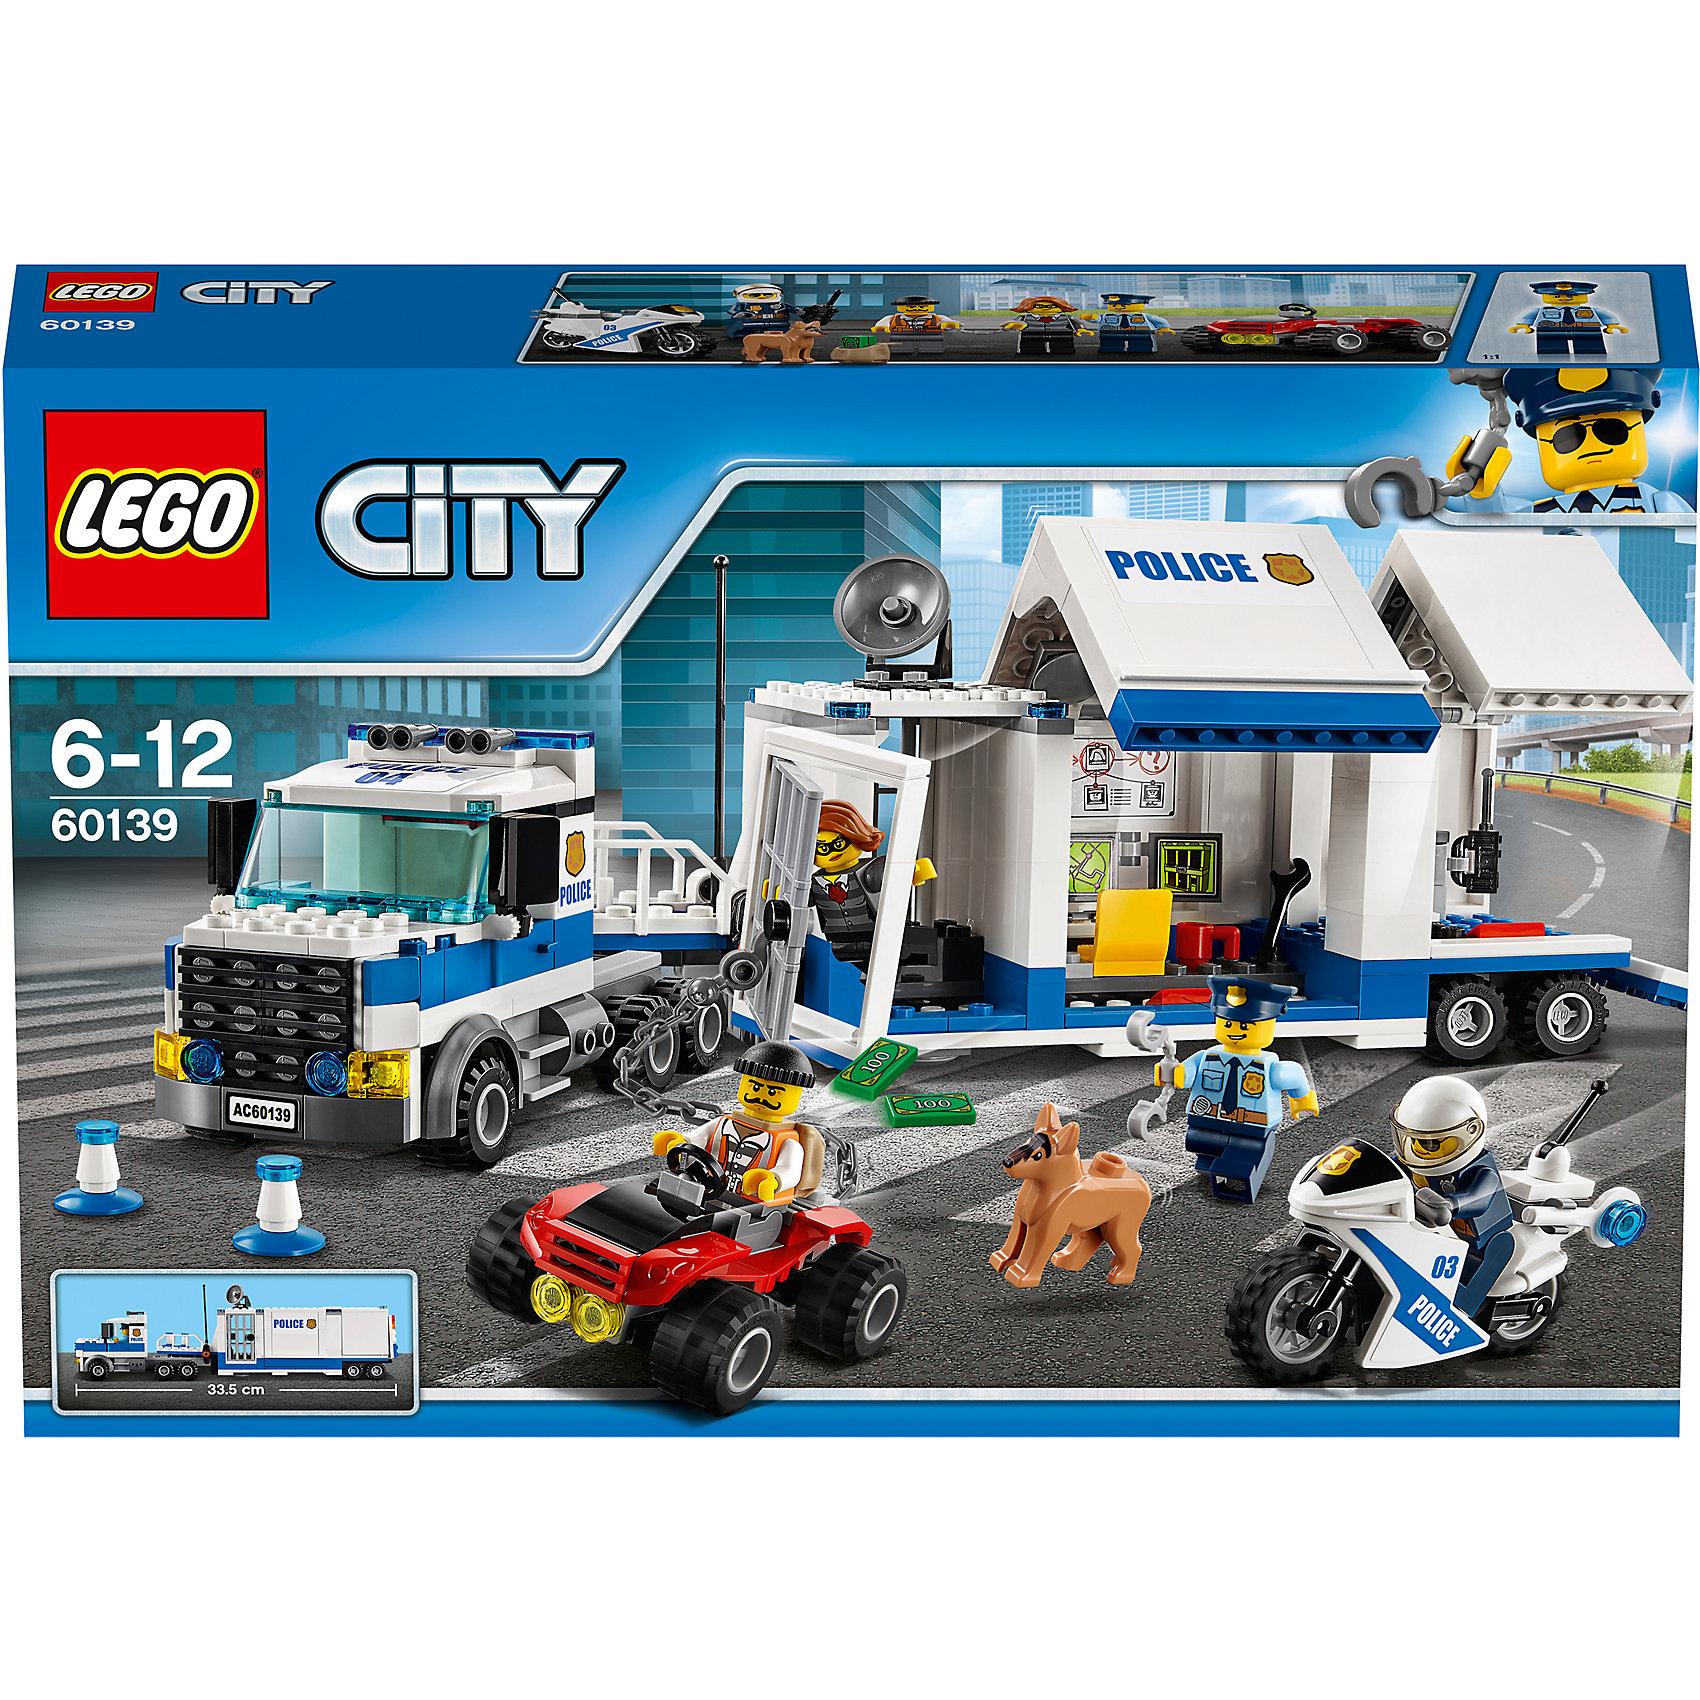 LEGO City 60139: Мобильный командный центрLEGO City 60139: Мобильный командный центр<br><br>Характеристики:<br><br>- в набор входит: мобильный центр, полицейский мотоцикл, квадрацикл, 4 фигурки людей, фигурка собаки, аксессуары, инструкция<br>- состав: пластик<br>- количество деталей: 374<br>- размер коробки: 26 * 7 * 38 см.<br>- размер мобильного центра: 11 * 6 * 23 см.<br>- для детей в возрасте: от 6 до 12 лет<br>- Страна производитель: Дания/Китай/Чехия<br><br>Легендарный конструктор LEGO (ЛЕГО) представляет серию «City» (Сити) в виде деталей жизни большого города, в котором есть абсолютно все. Серия делает игры еще более настоящими, благодаря отличным аксессуарам. Стражи закона Лего Сити всегда готовы прийти на помощь жителям города. С помощью мобильного центра со спутниковой связью полицейская команда отслеживала двух опасных преступников. Полицейские сложили улики на компьютере и доске с доказательствами и поймали одну преступницу. Не успели патрульные допить свой кофе, как к модулю подъехал квадрацикл с цепью и крюком и вырвал дверь тюрьмы модуля. Ловкий полицейский сразу же надел свой шлем и кинулся в погоню на своем полицейском скоростном мотоцикле с голубой сигнальной лампой. Фигурки этого набора отлично детализированы и качественно прорисованы. В набор входят сразу три транспортных средства: сам модуль с возможностью отсоединения патрульного блока, квадрацикл и скоростной мотоцикл. Захватывающие аксессуары в виде розыскной аппаратуры, рации, досок для расследования, а также наручников, спутниковой тарелки, рюкзака, в котором лежат деньги, и чашки добавляют реалистичности этому большойму полицейскому набору. Помоги полицейским добиться справедливости. Моделируй разные истории и ситуации в Лего Сити!<br><br>Конструктор  LEGO City 60139: Мобильный командный центр можно купить в нашем интернет-магазине.<br><br>Ширина мм: 381<br>Глубина мм: 264<br>Высота мм: 73<br>Вес г: 730<br>Возраст от месяцев: 72<br>Возраст до месяцев: 144<br>Пол: Мужской<br>Возраст: Детск